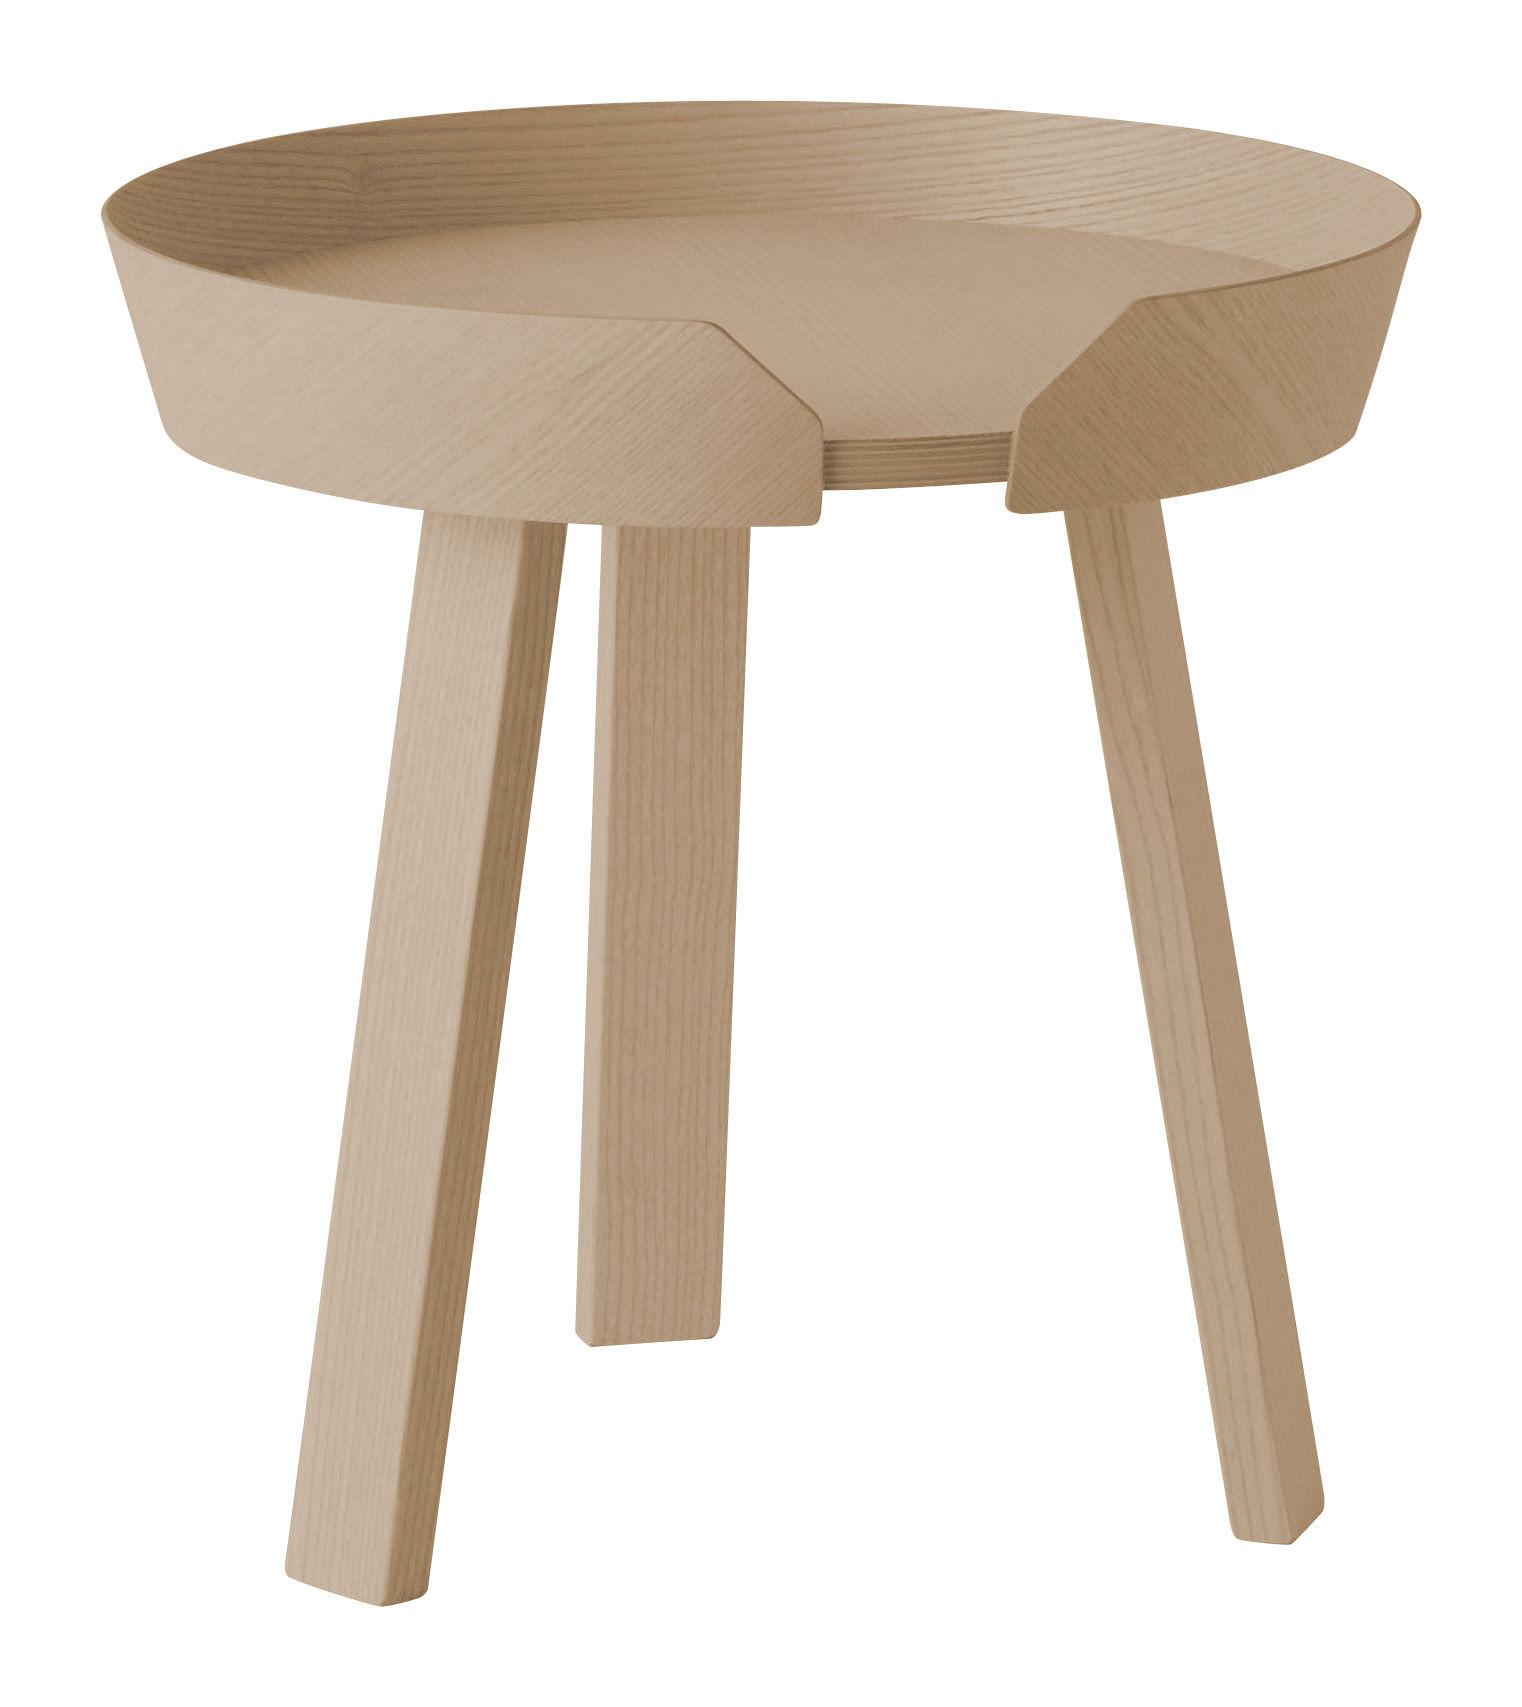 Möbel - Couchtische - Around Couchtisch Klein - Ø 45 x H 46 cm - Muuto - Eiche natur - Eiche